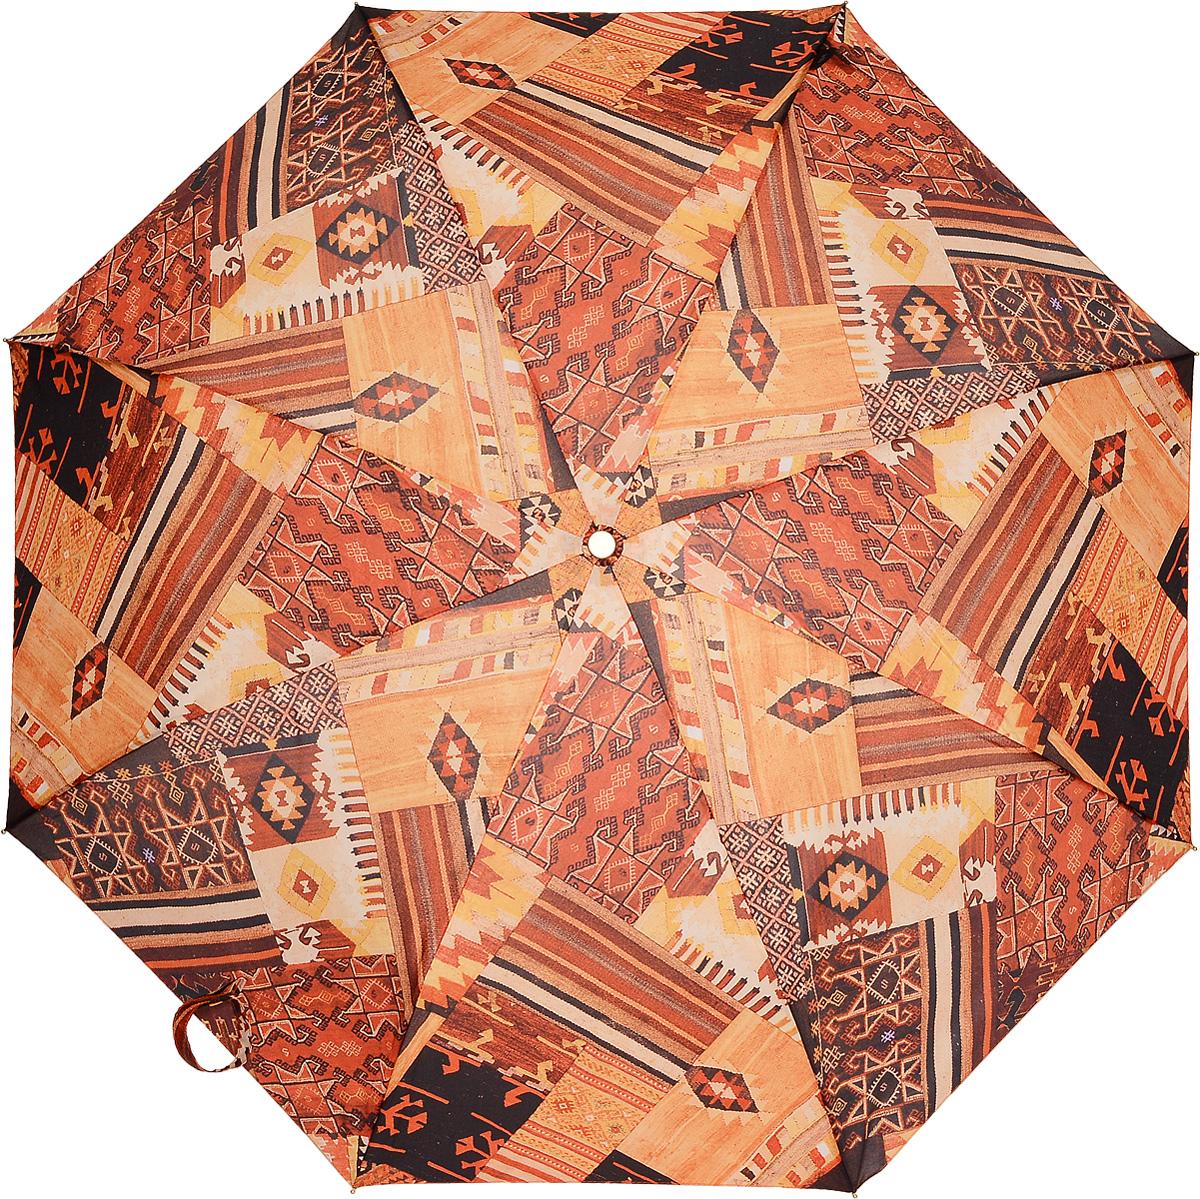 M&P 5867-2 Зонт полный автом. 3 сл. жен.5867-2Зонт испанского производителя Clima. В производстве зонтов используются современные материалы, что делает зонты легкими, но в то же время крепкими.Полный автомат, 3 сложения, 7 спиц, полиэстер.